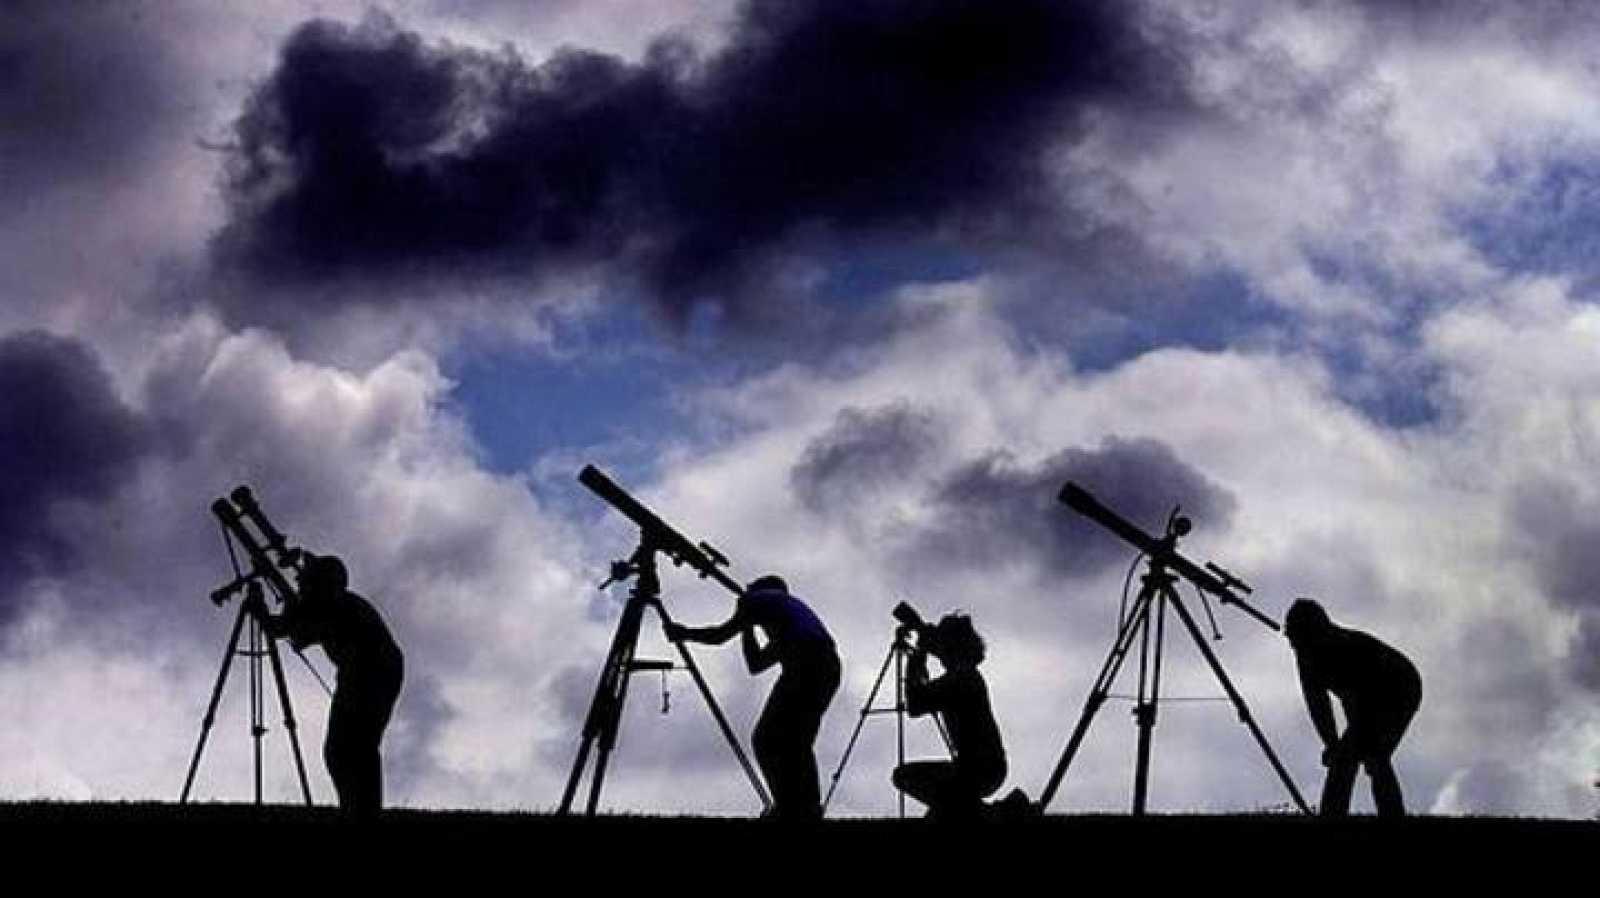 El eclipse solo podrá verse completo en dos archipiélagos del Atlántico Norte.